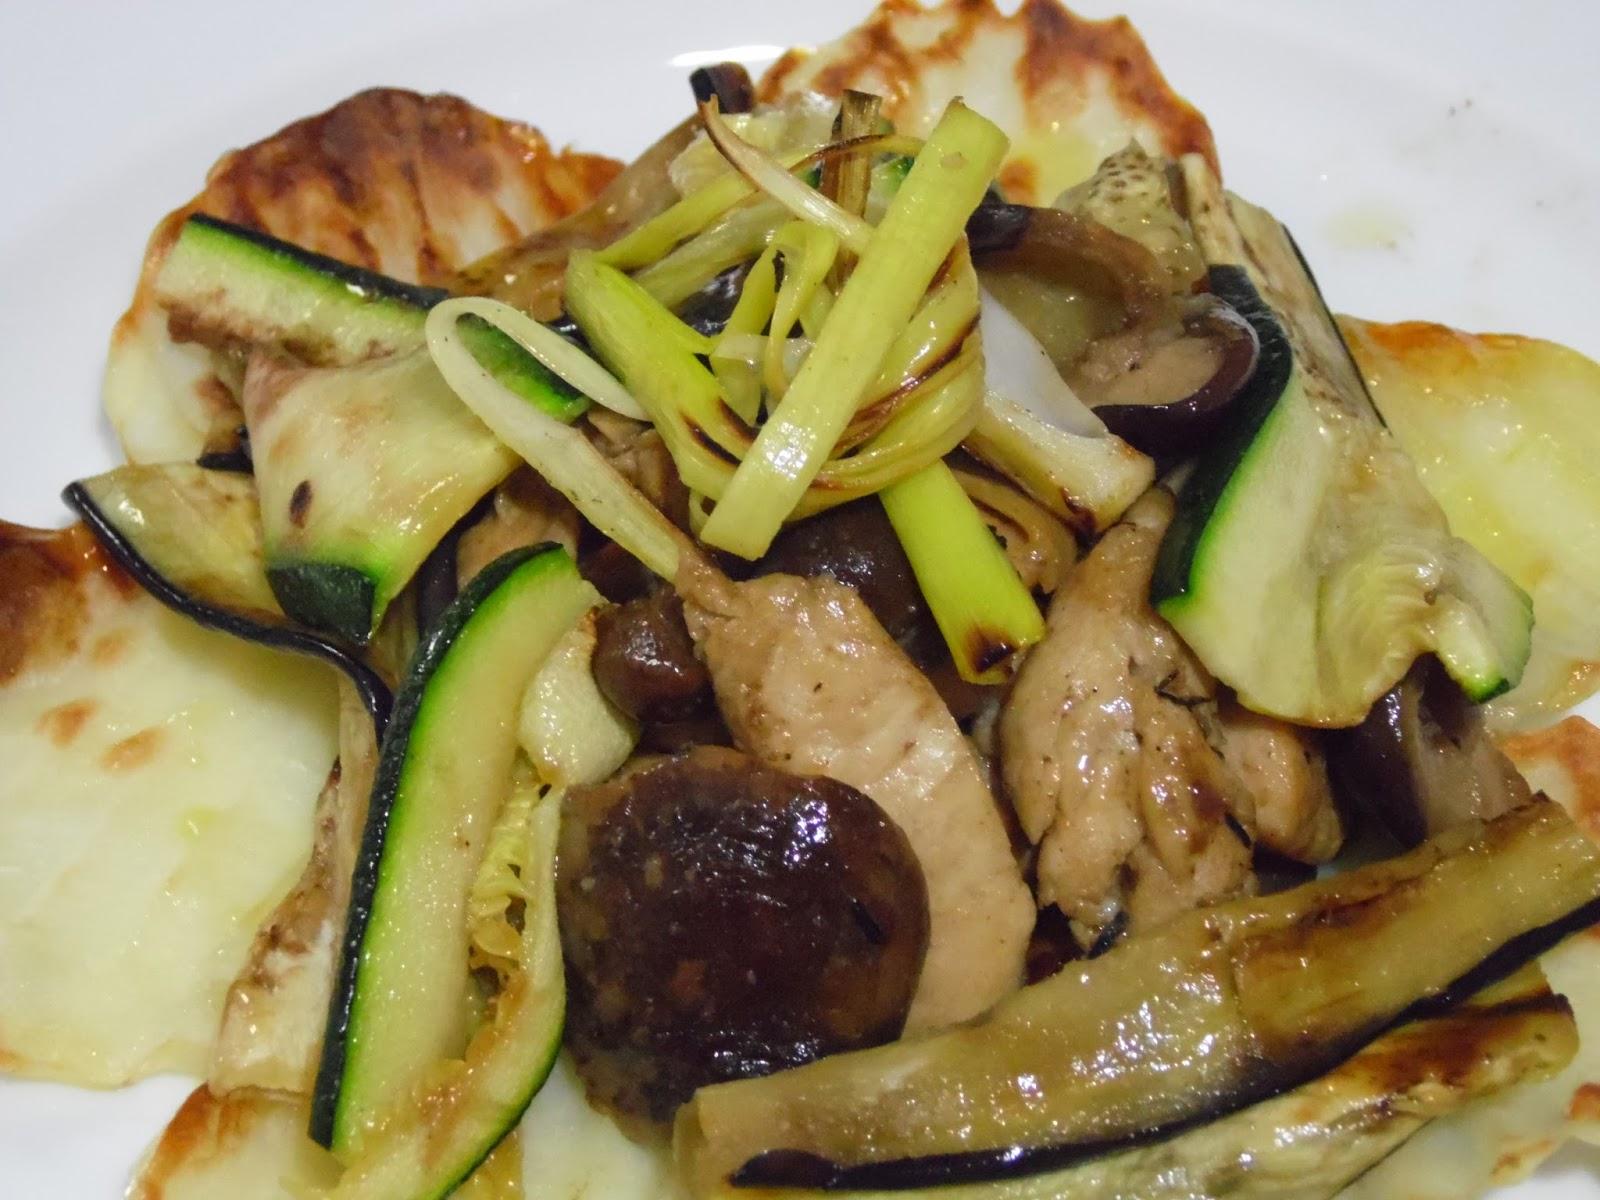 Como Cocinar Verduras A La Plancha   Ayudando A Cocinar Salteado De Pollo Con Setas Y Verduras A La